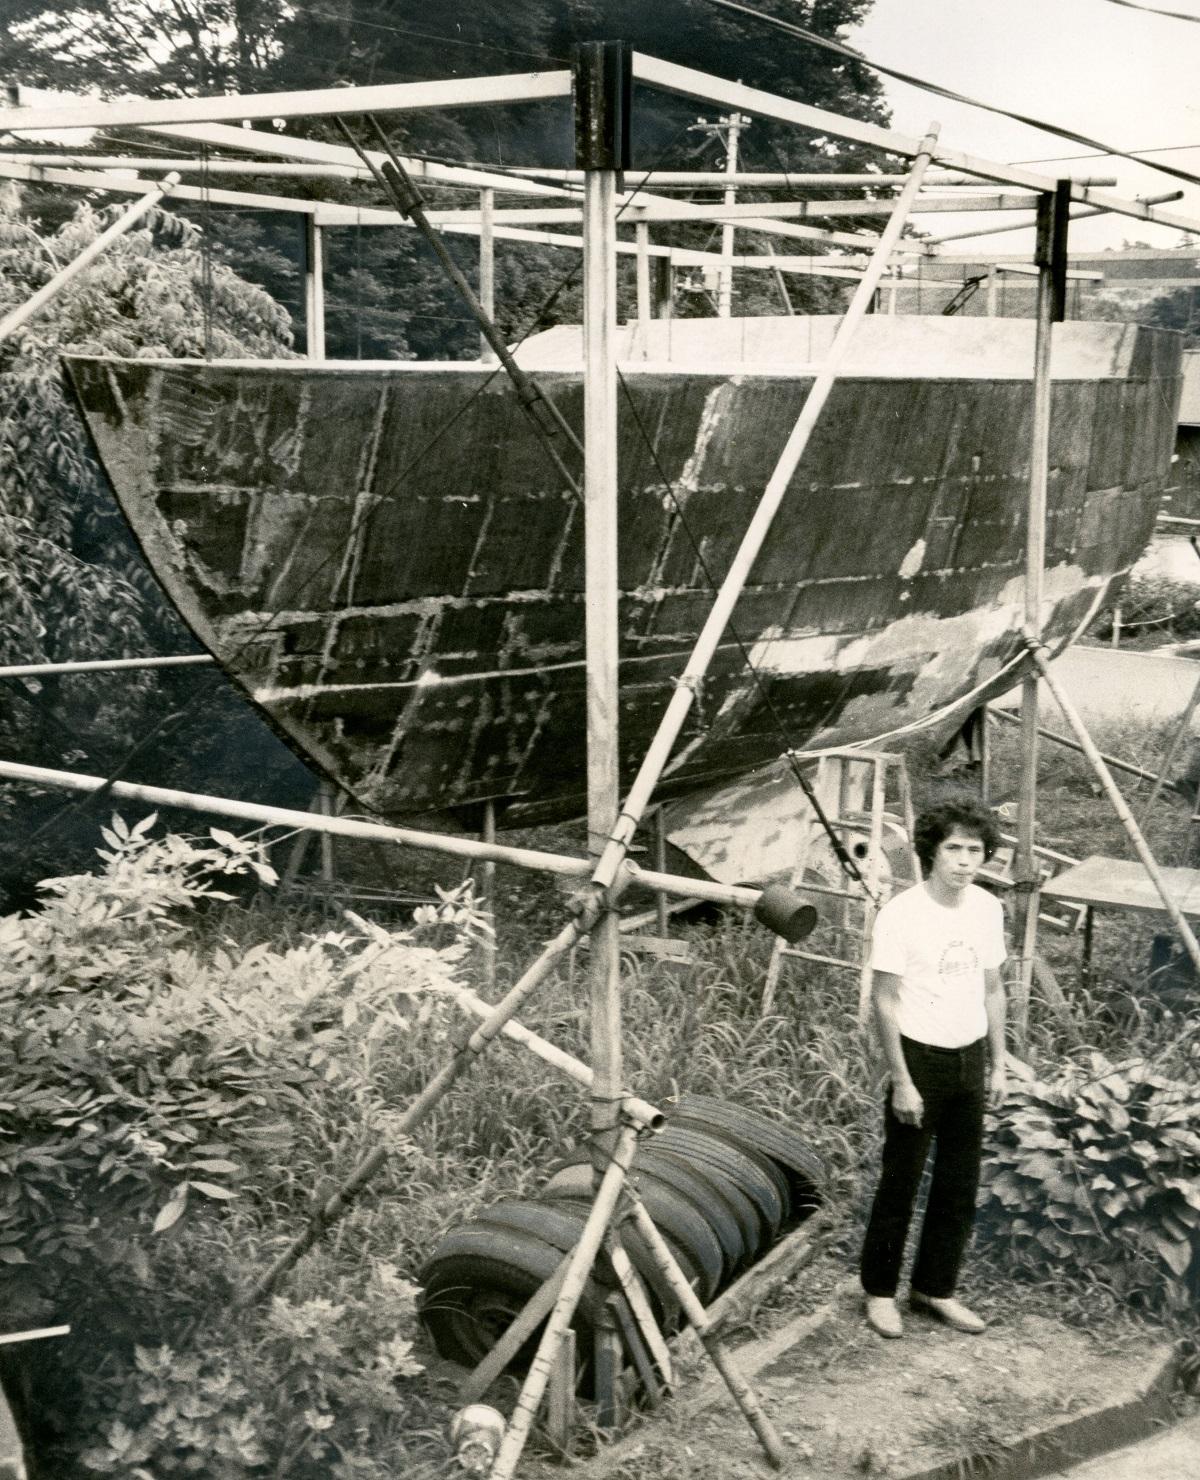 高橋照幸は、1978年から東京都町田市の山中でヨット製作に取り組んだ。40フィート級、樹脂製のクルーザー。設計図にはミキシングルームも=1981年